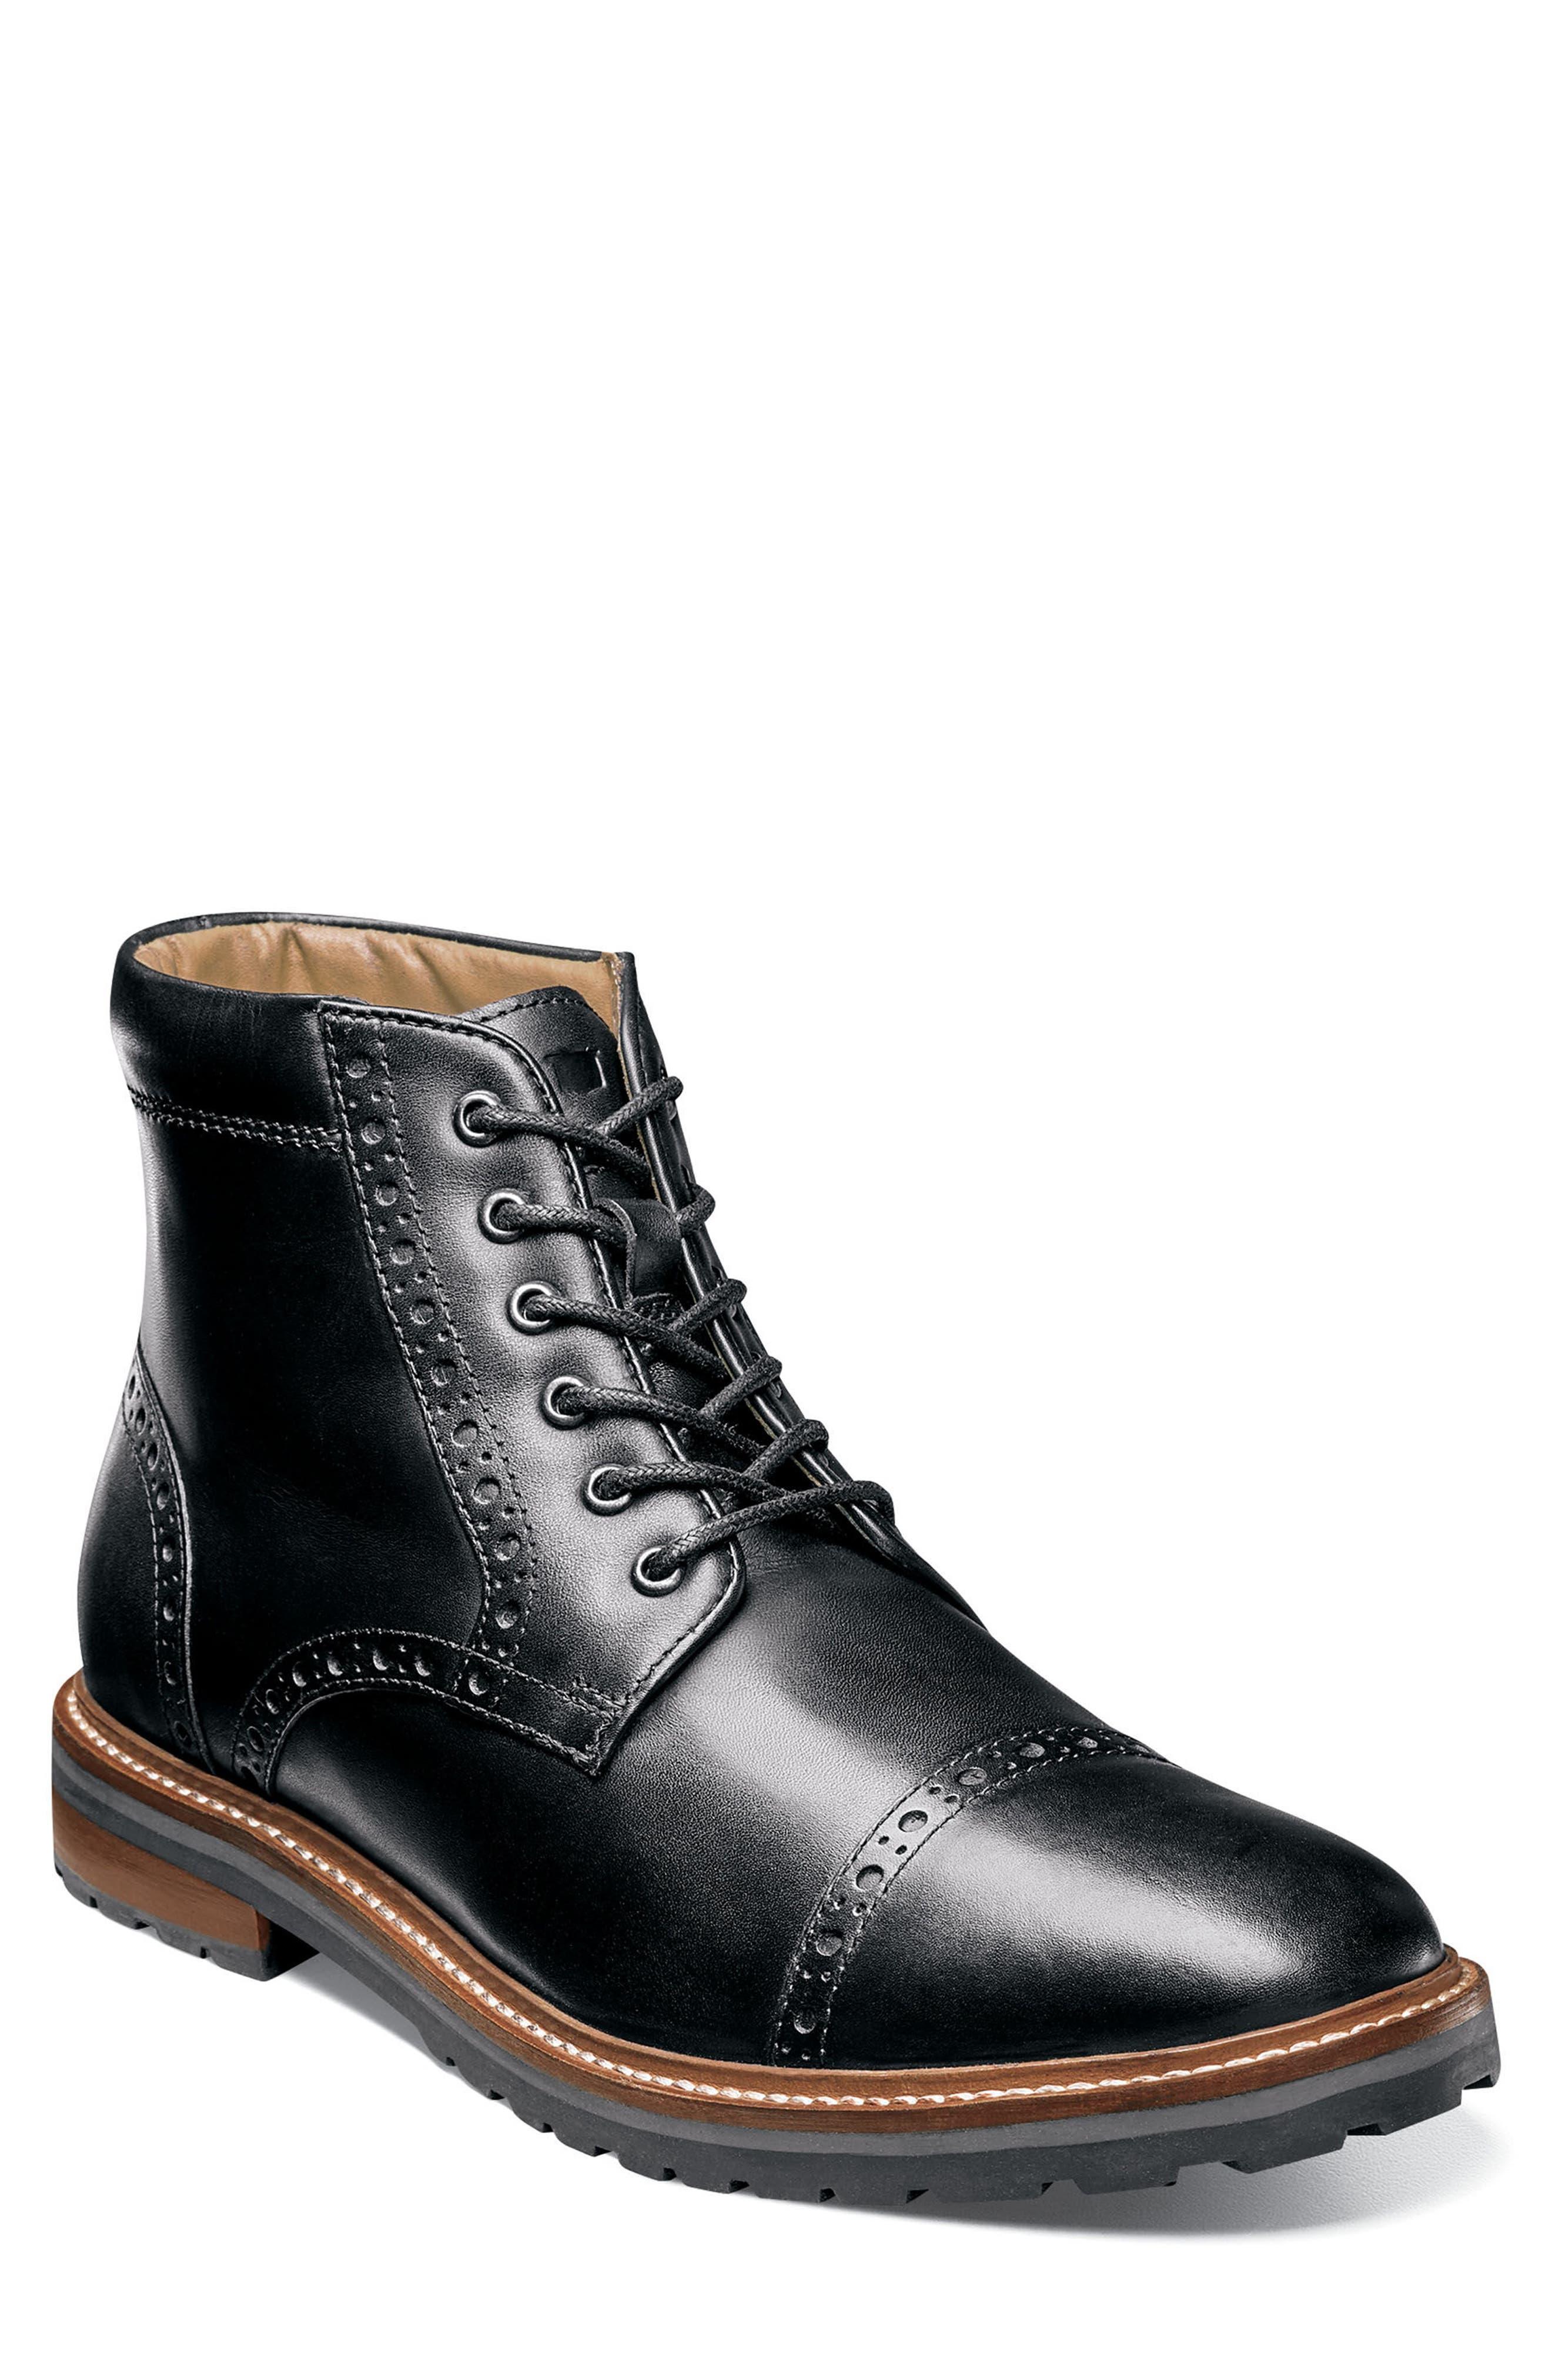 FLORSHEIM,                             Estabrook Cap Toe Boot,                             Main thumbnail 1, color,                             BLACK LEATHER